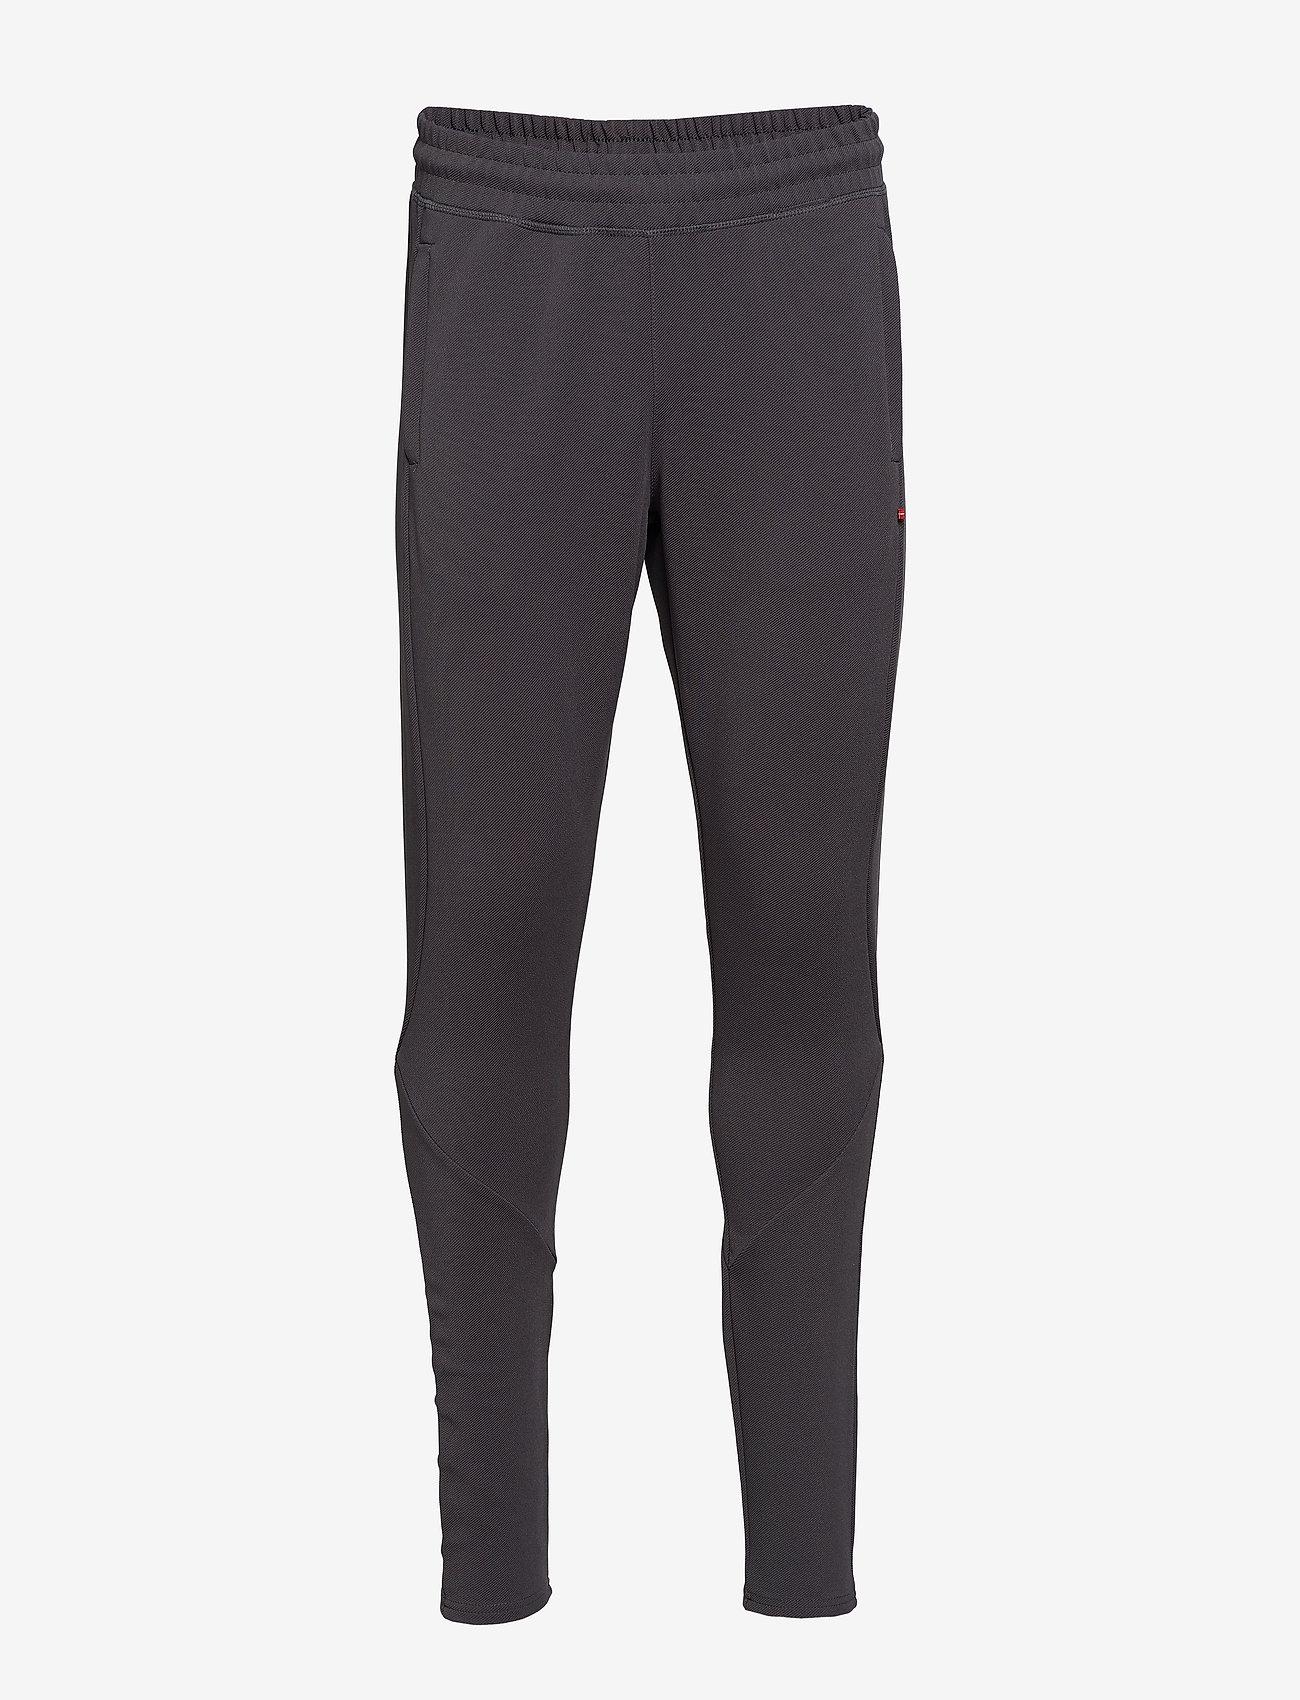 HAN Kjøbenhavn - Tights - kleding - grey - 0